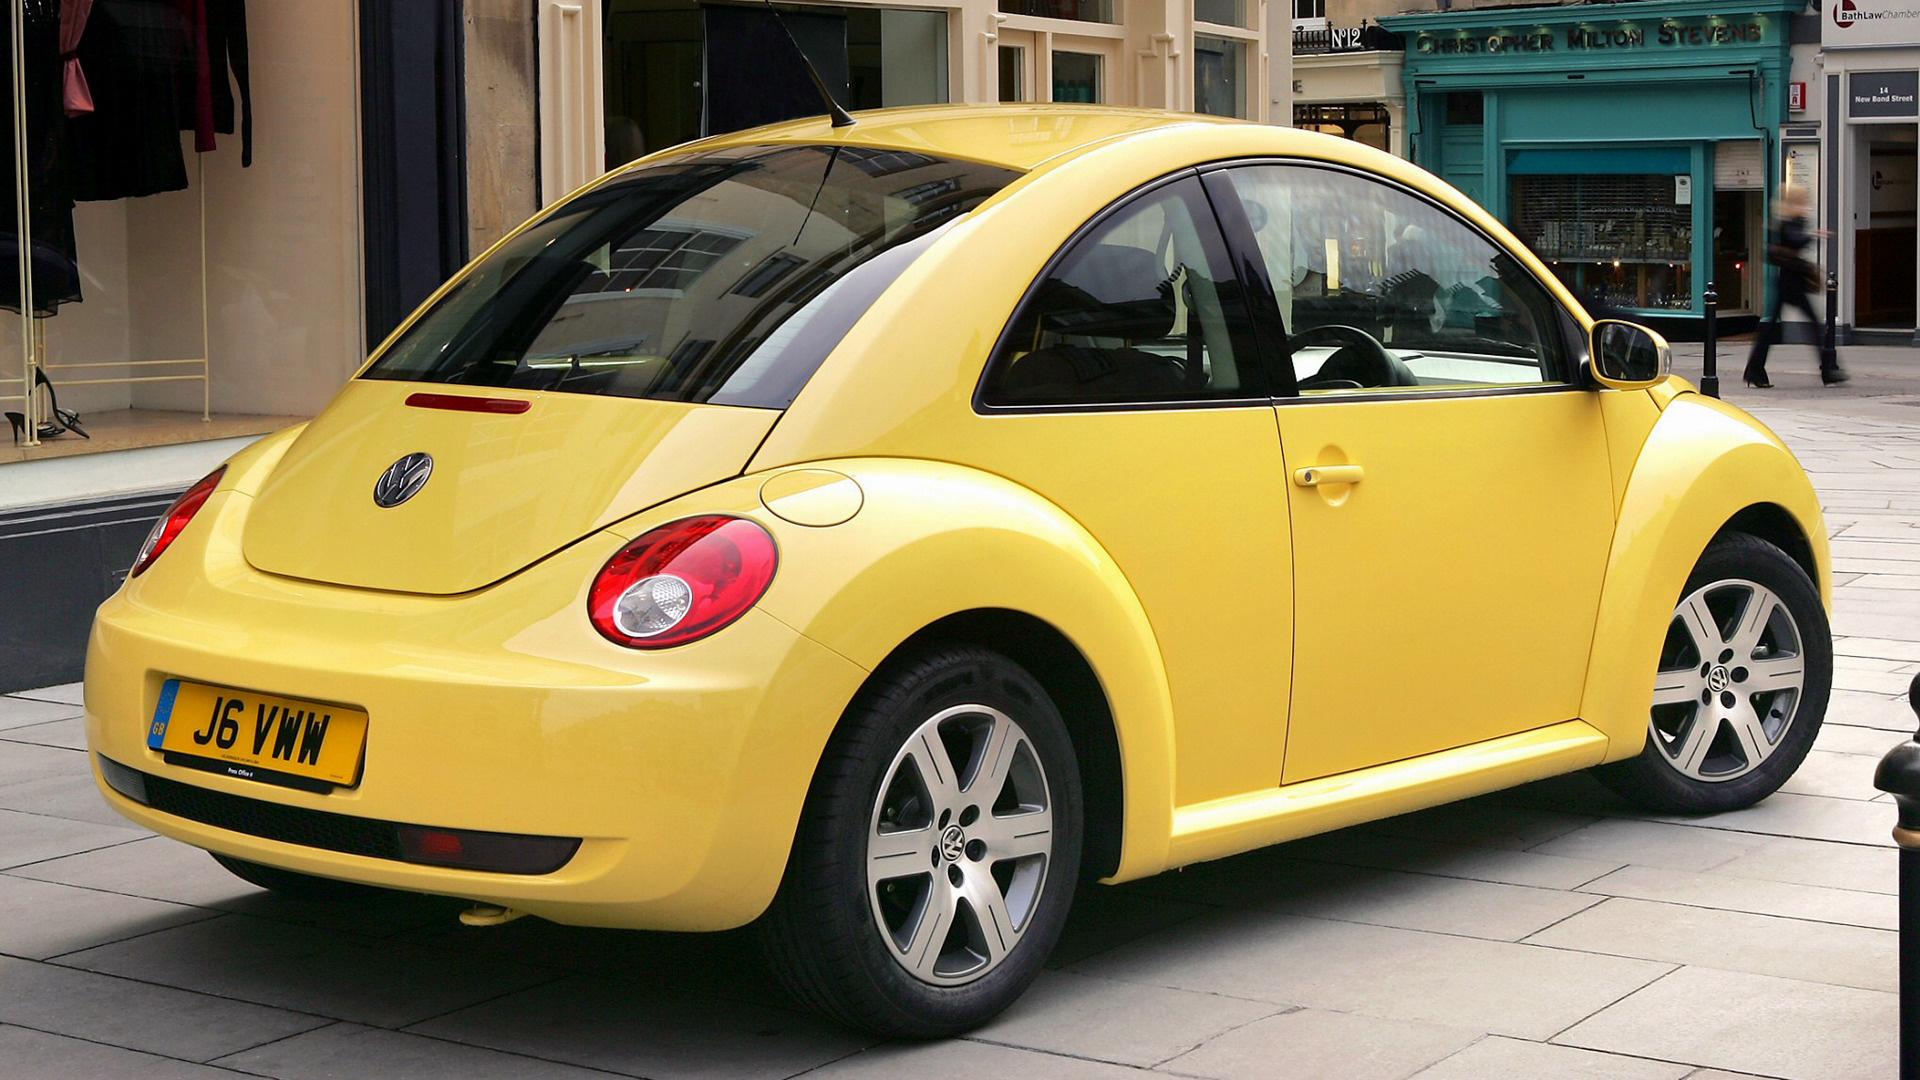 Volkswagen Beetle Convertible >> 2005 Volkswagen New Beetle (UK) - Wallpapers and HD Images ...